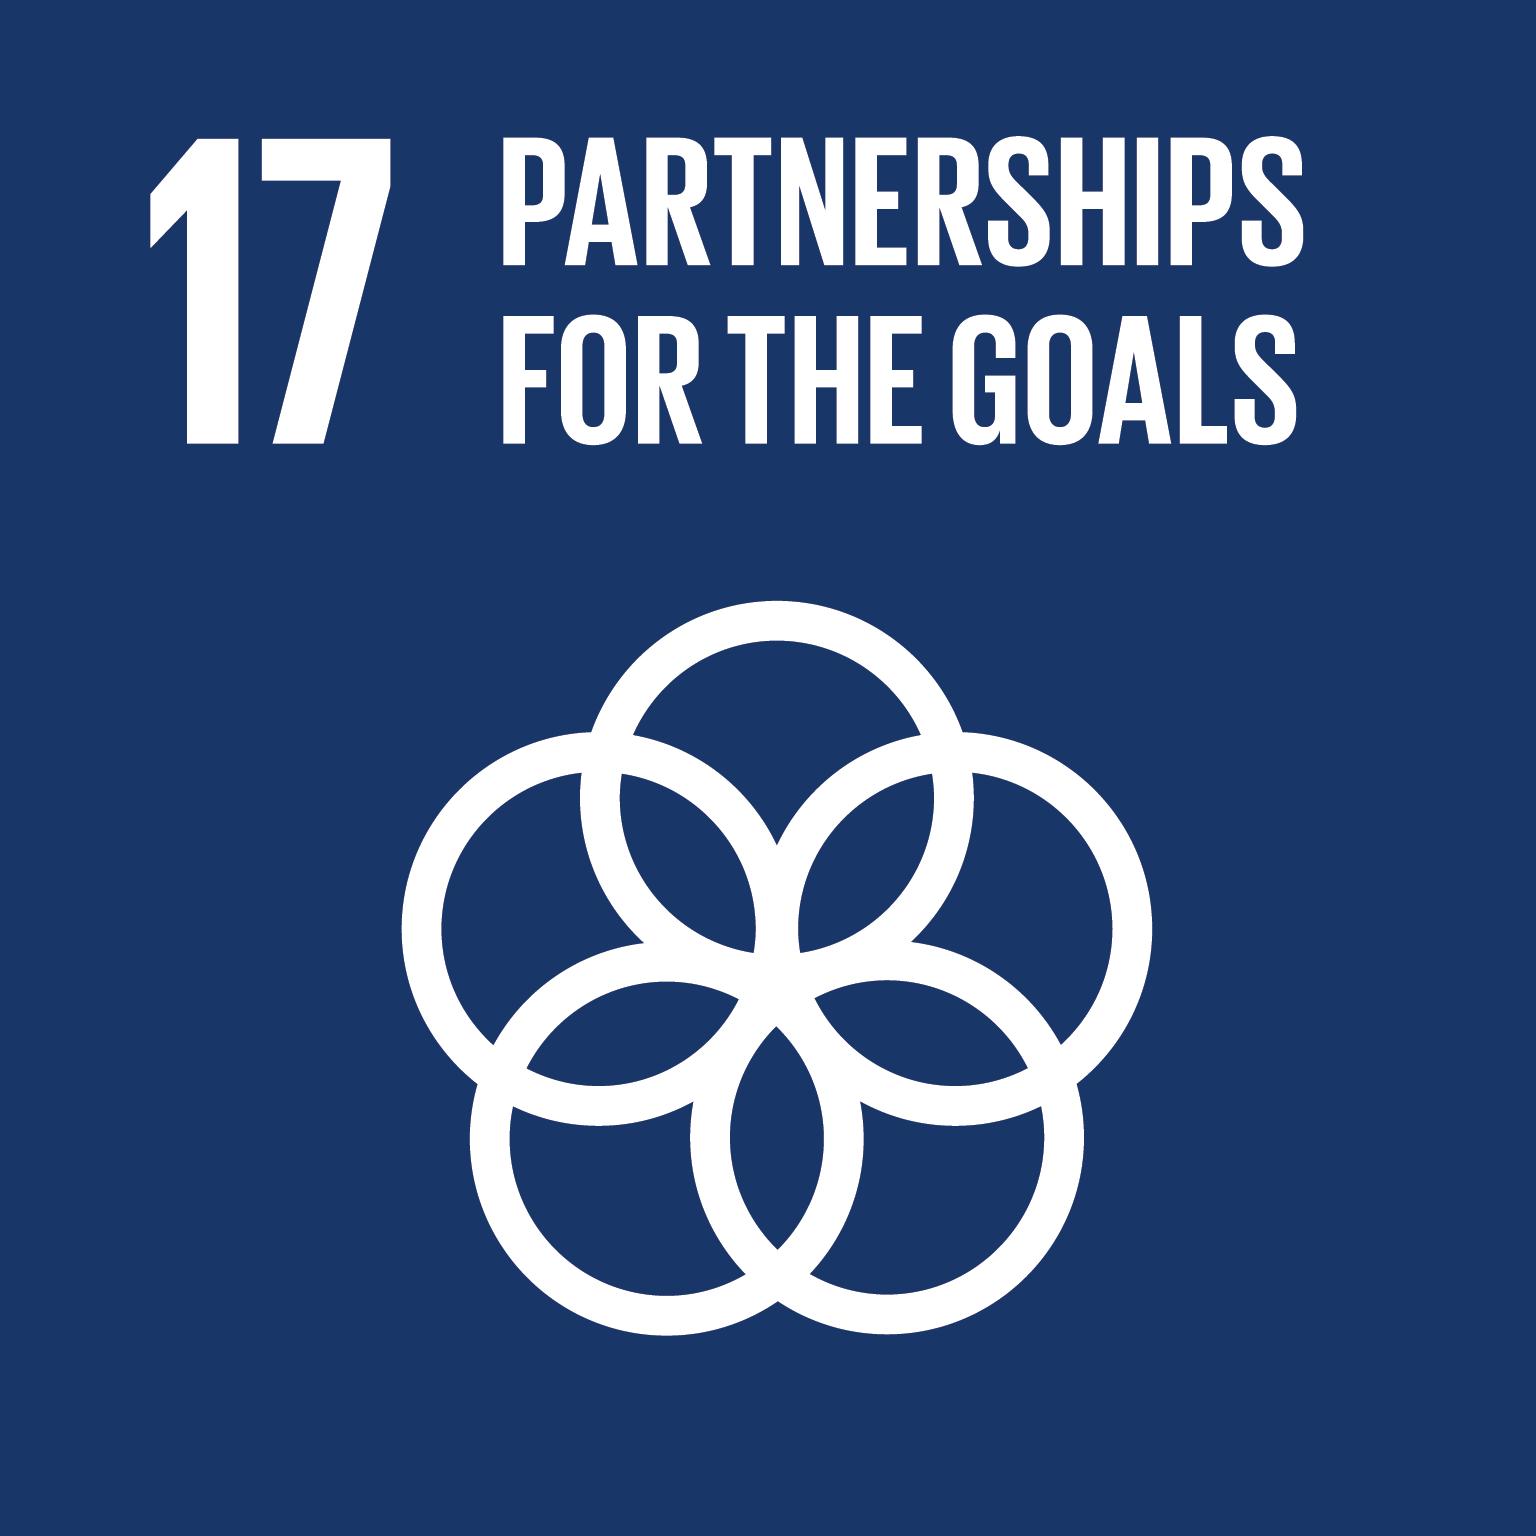 強化永續發展執行方法及活化永續發展全球夥伴關係